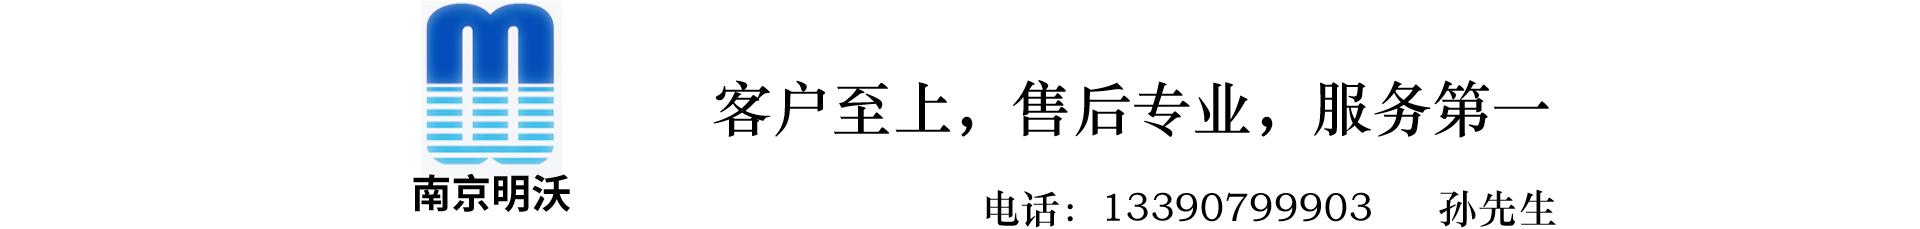 南京明沃电子科技有限公司